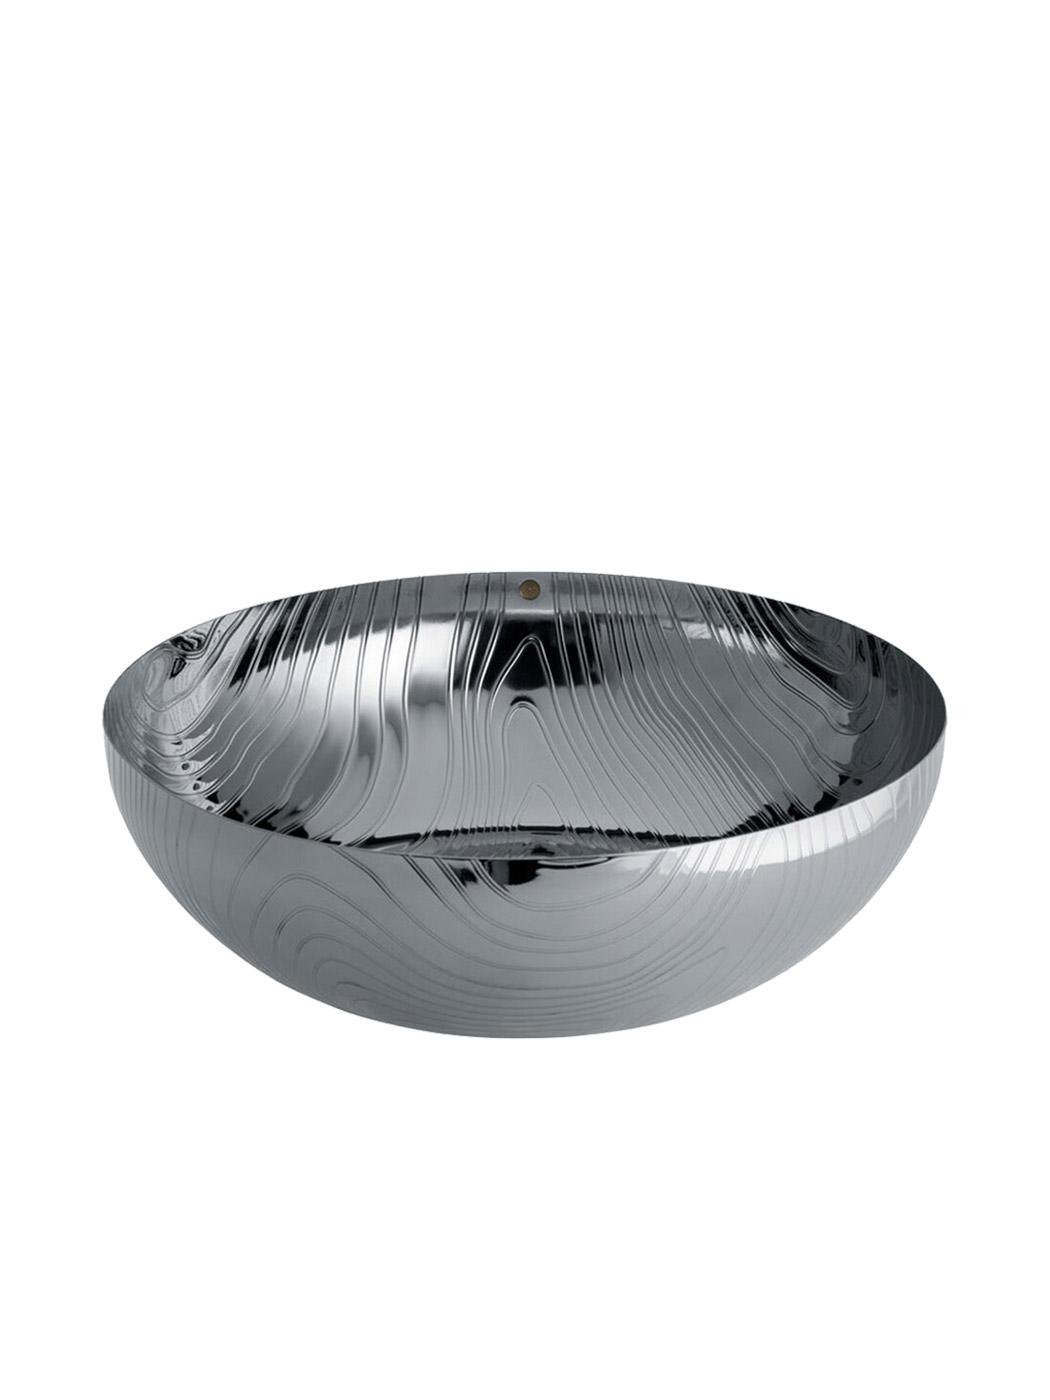 veneer bowl alessi large stainless steel side